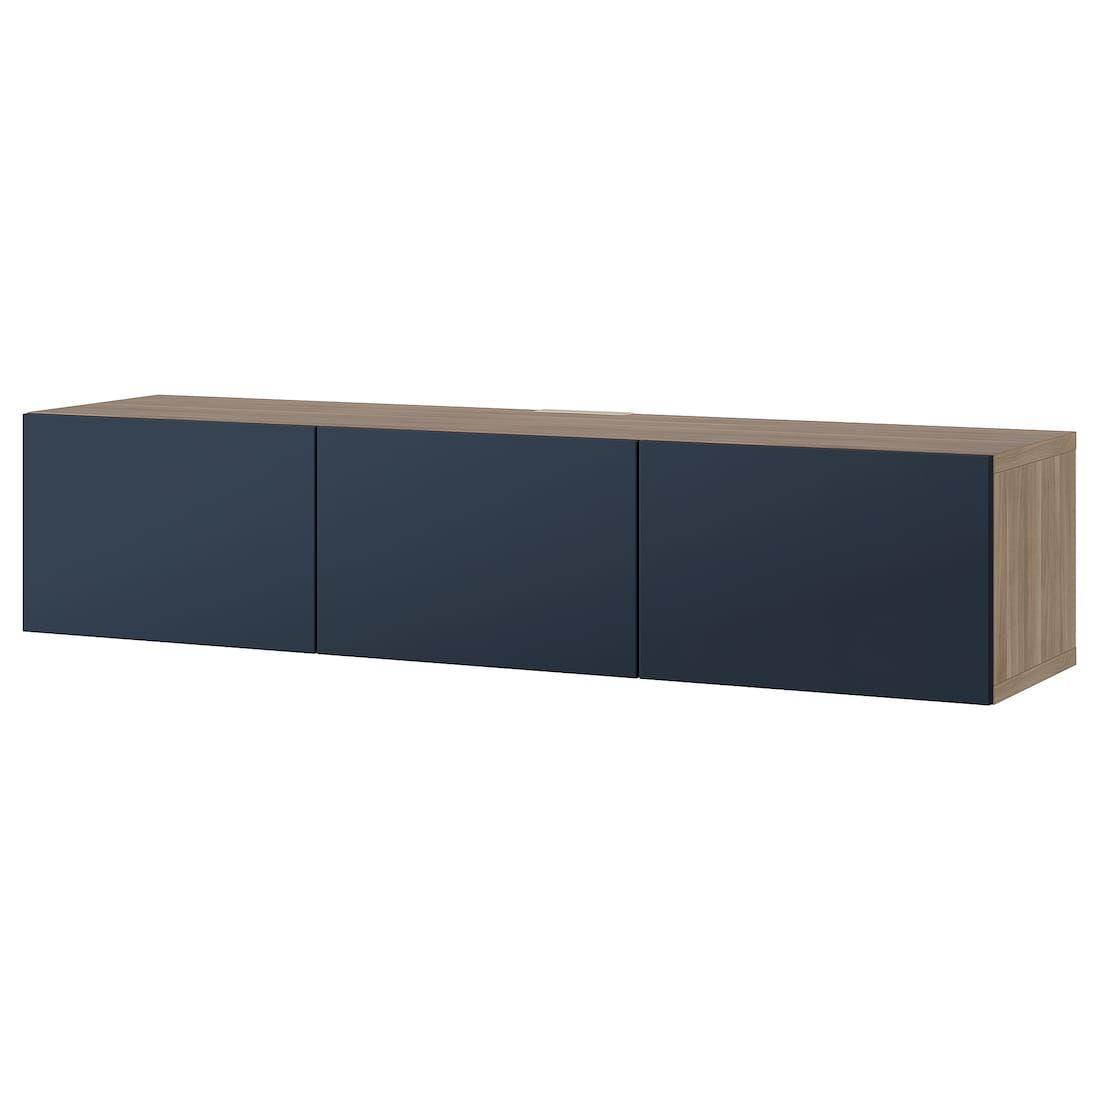 Ikea Us Furniture And Home Furnishings Television Meuble Tele Design Meuble Tele